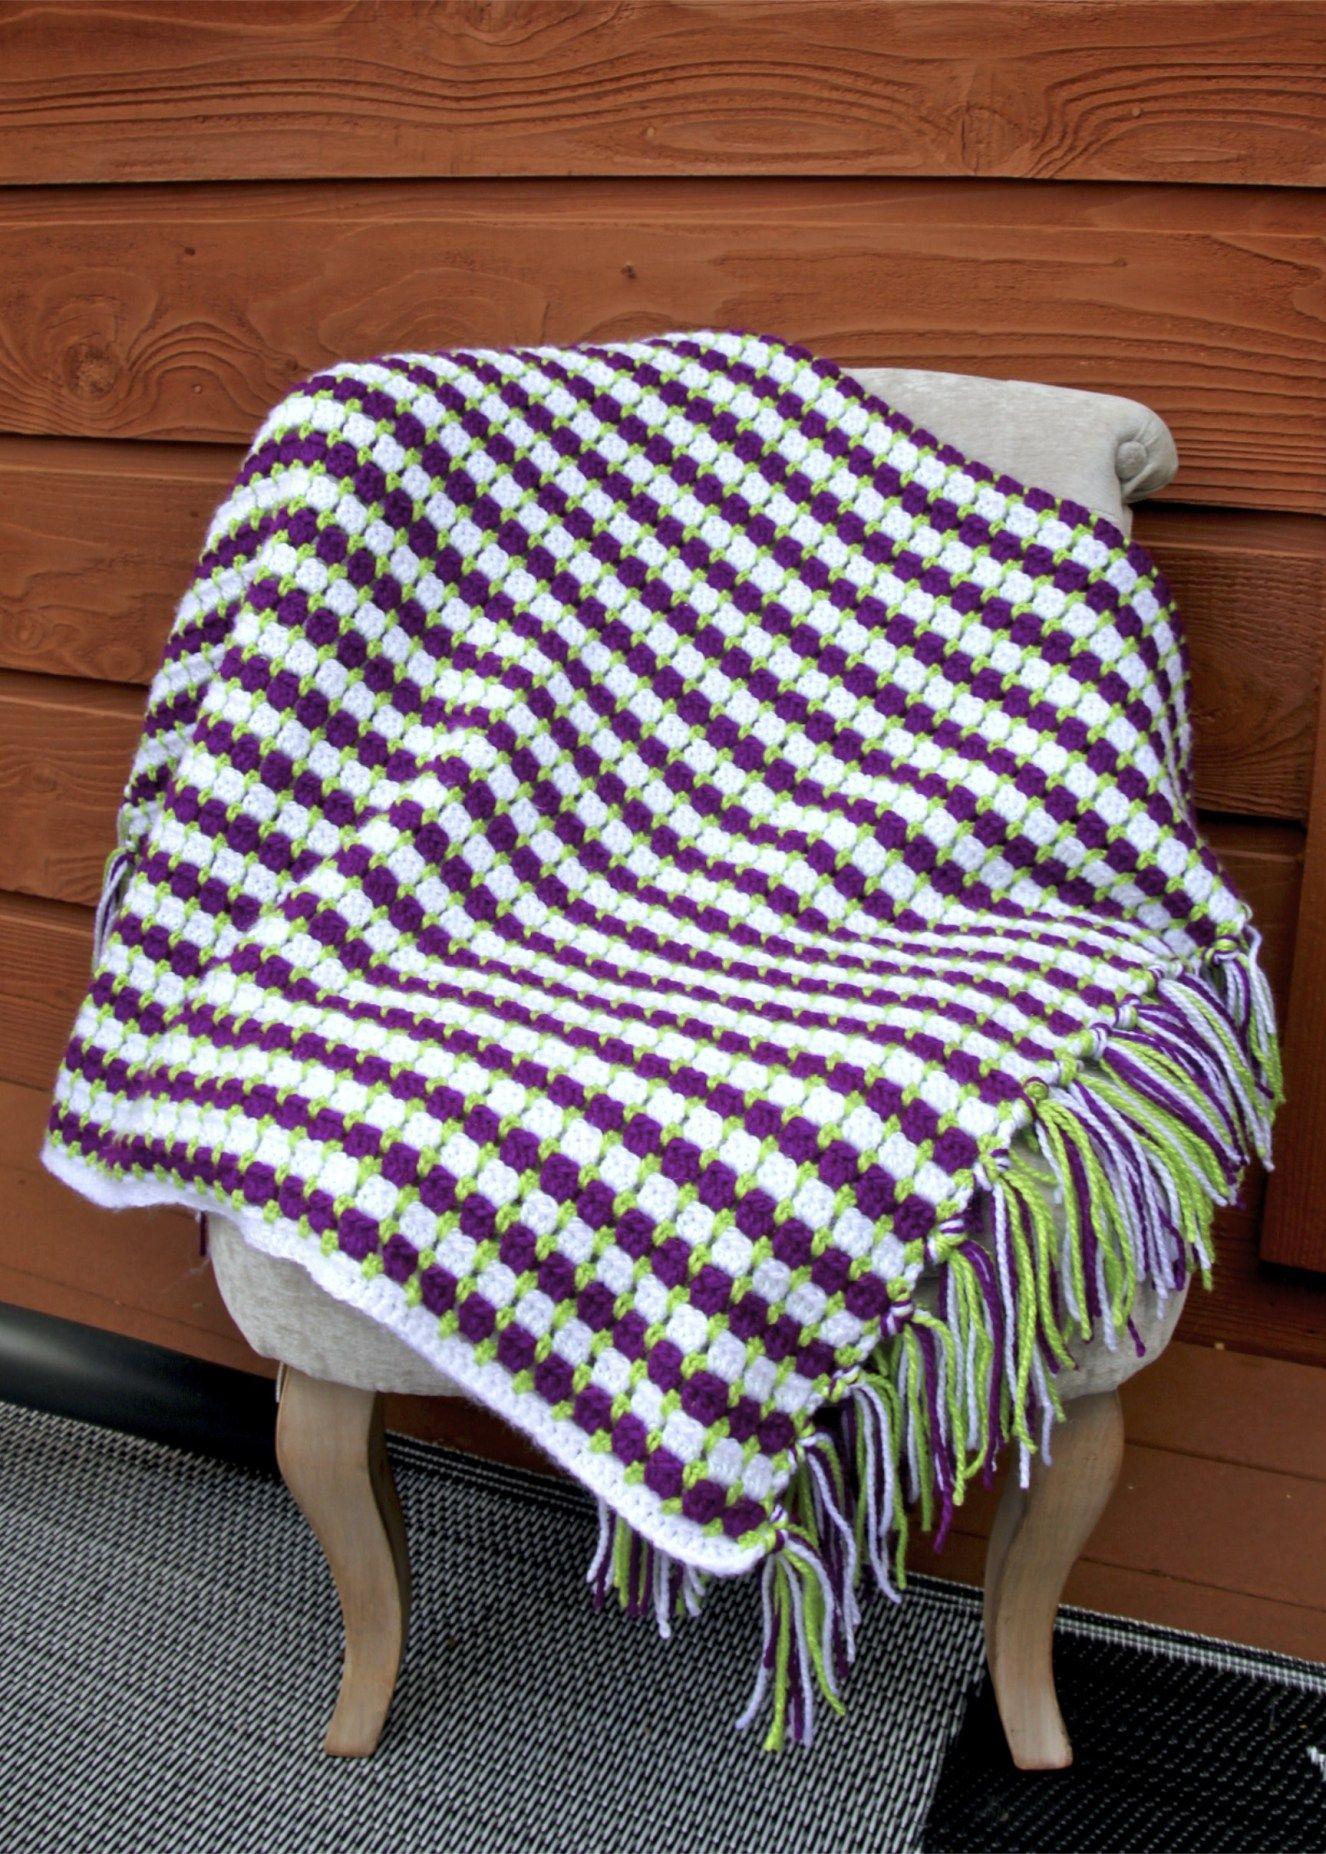 Grapevine Crochet Lap Afghan | Crochet- blankets | Pinterest